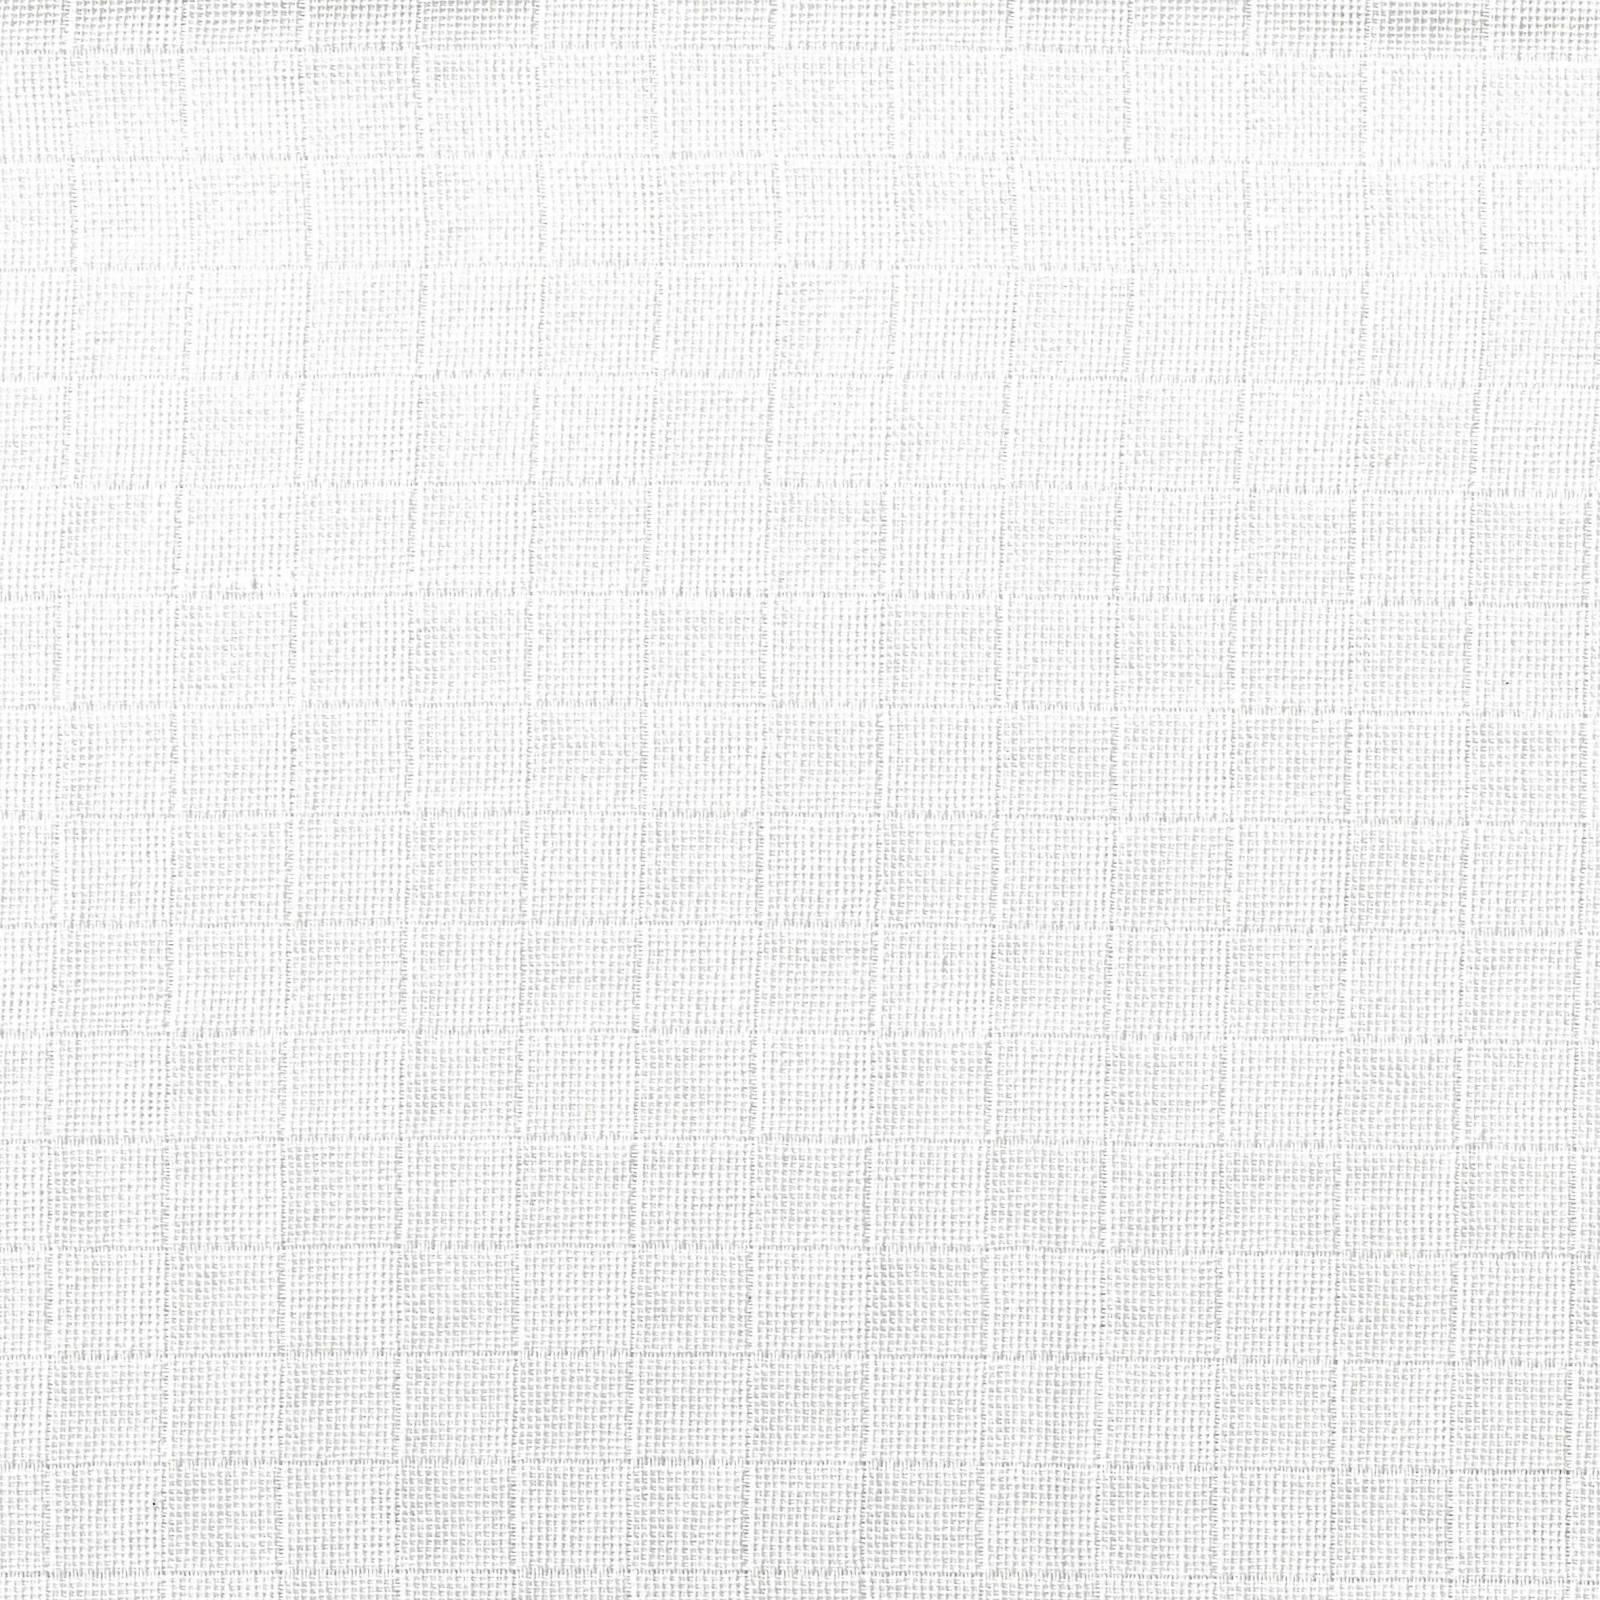 Fralda quadriculada Mabber 80cm cor branca Ref. FM01 - Armarinhos Nodari